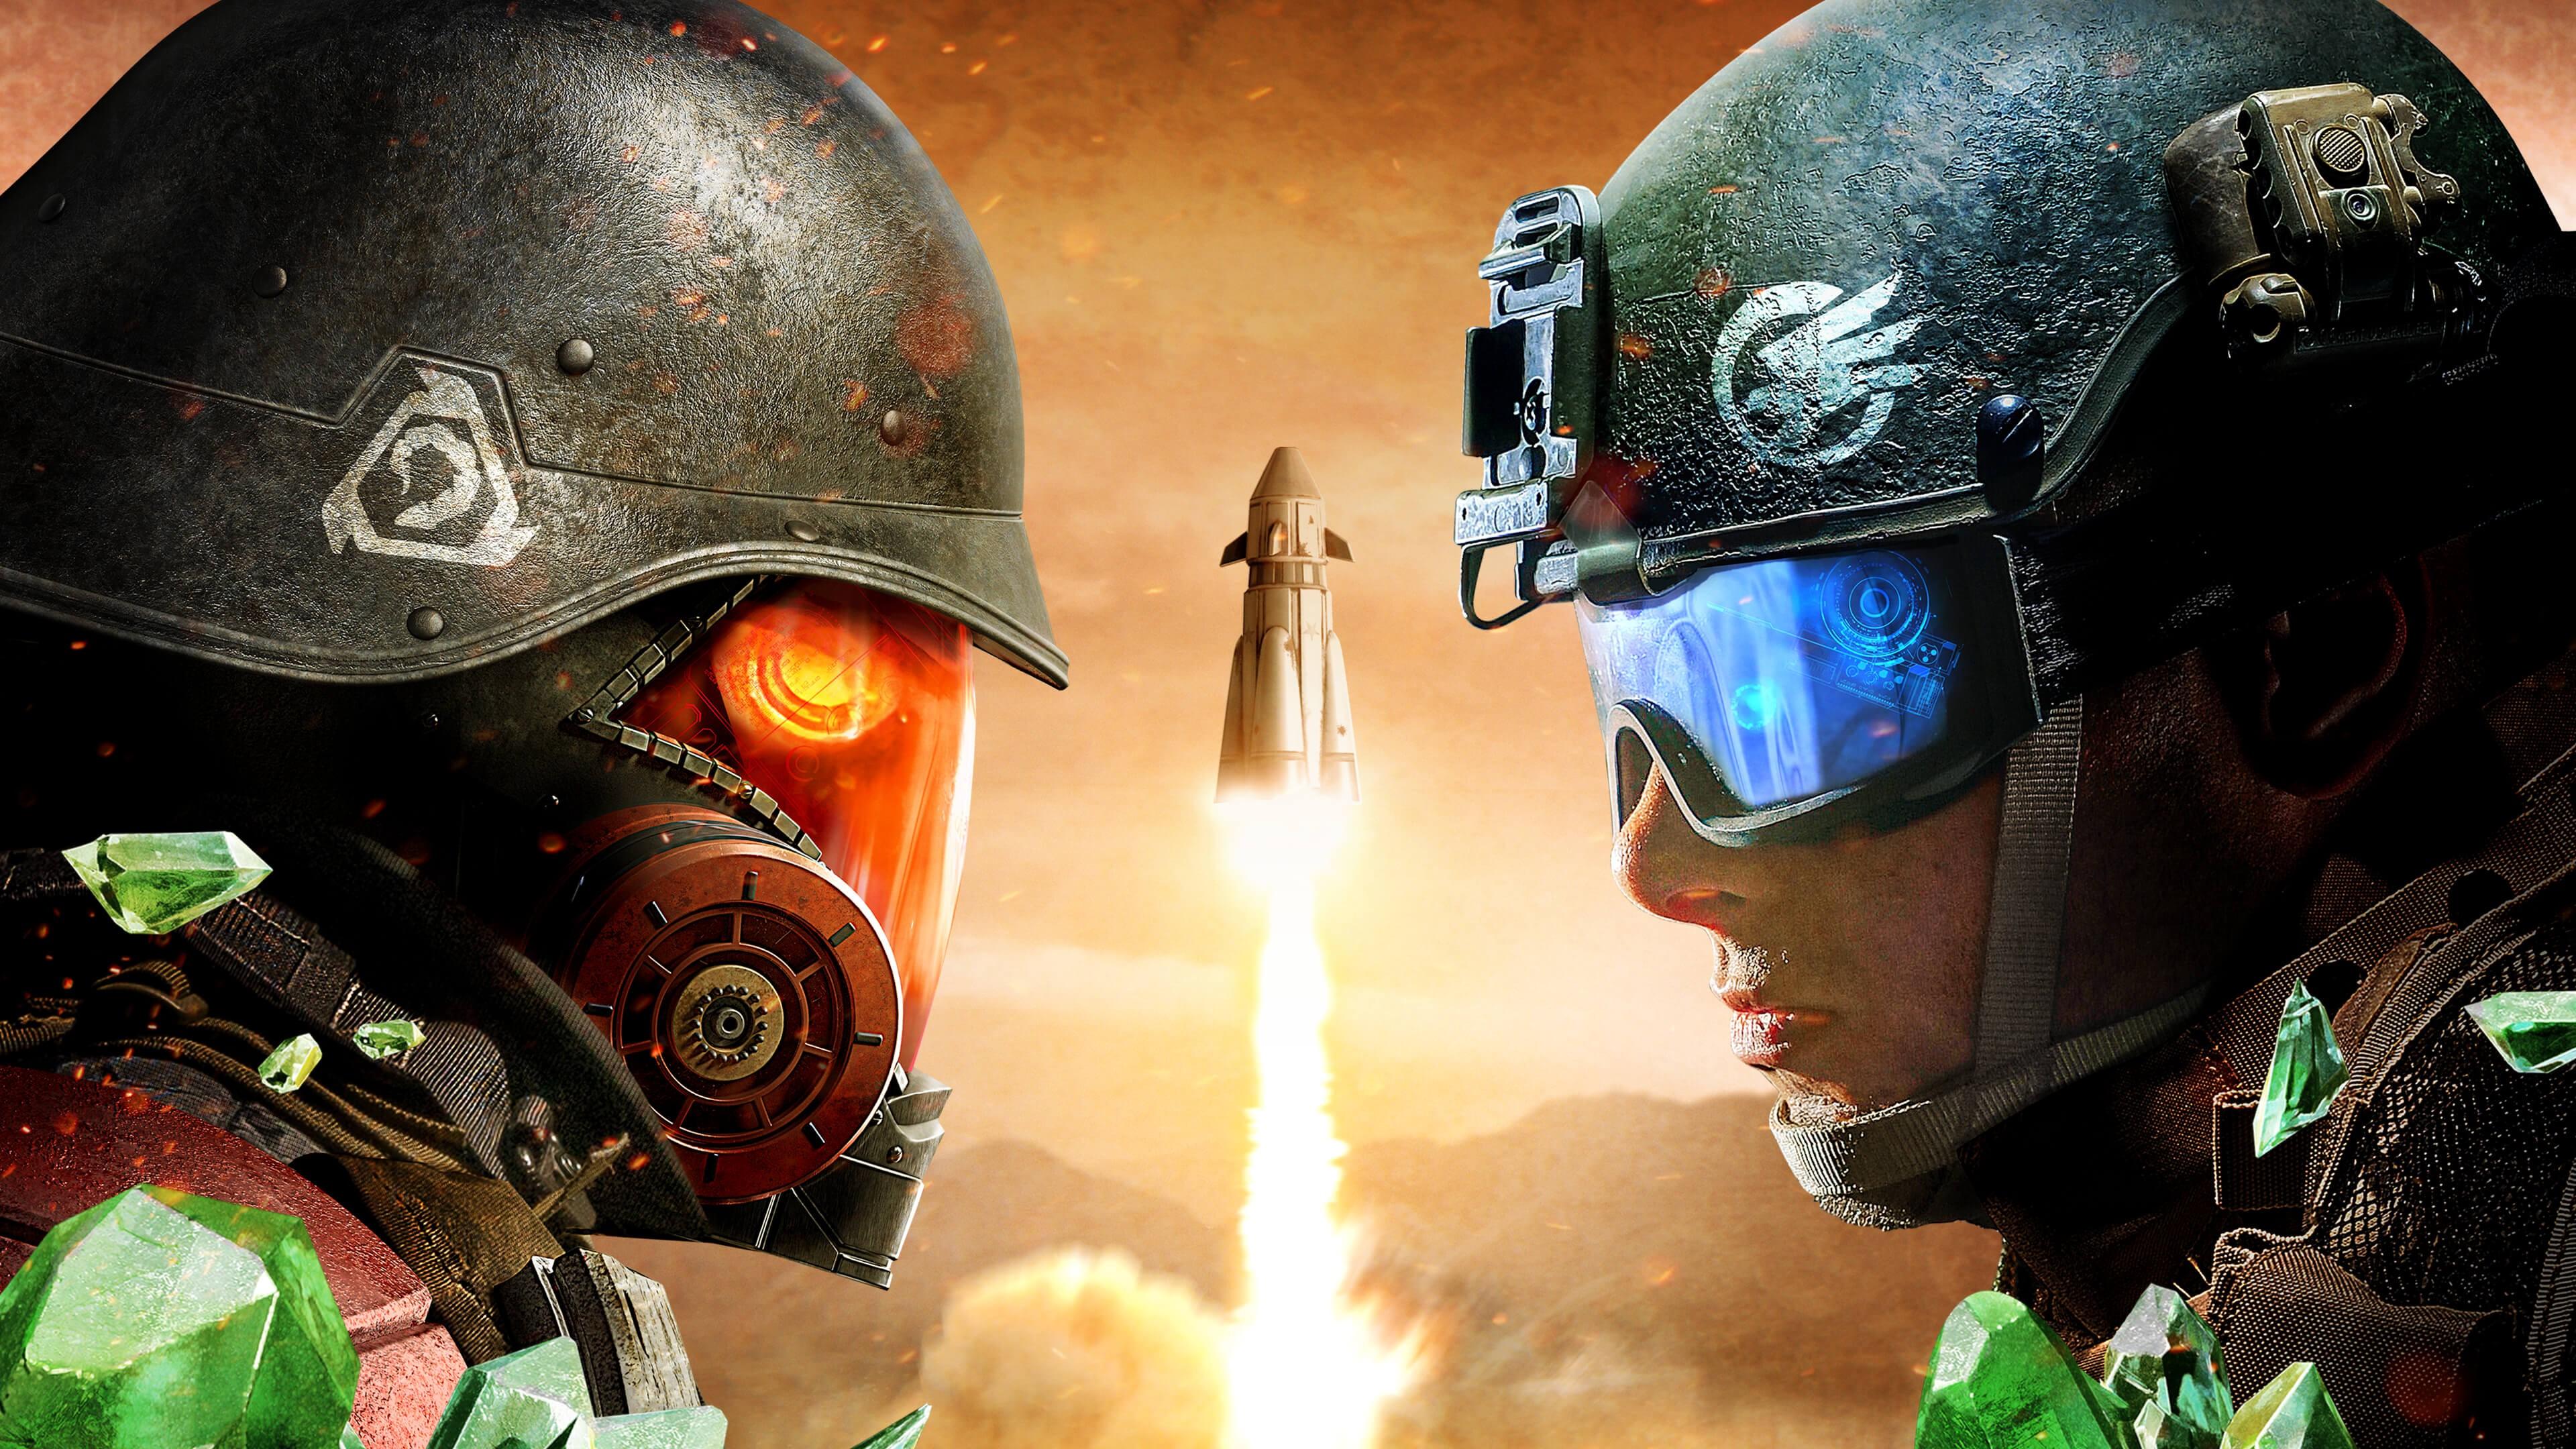 Космическая ракета , битва воинов  в касках и защитных очках в звездной Вселенной